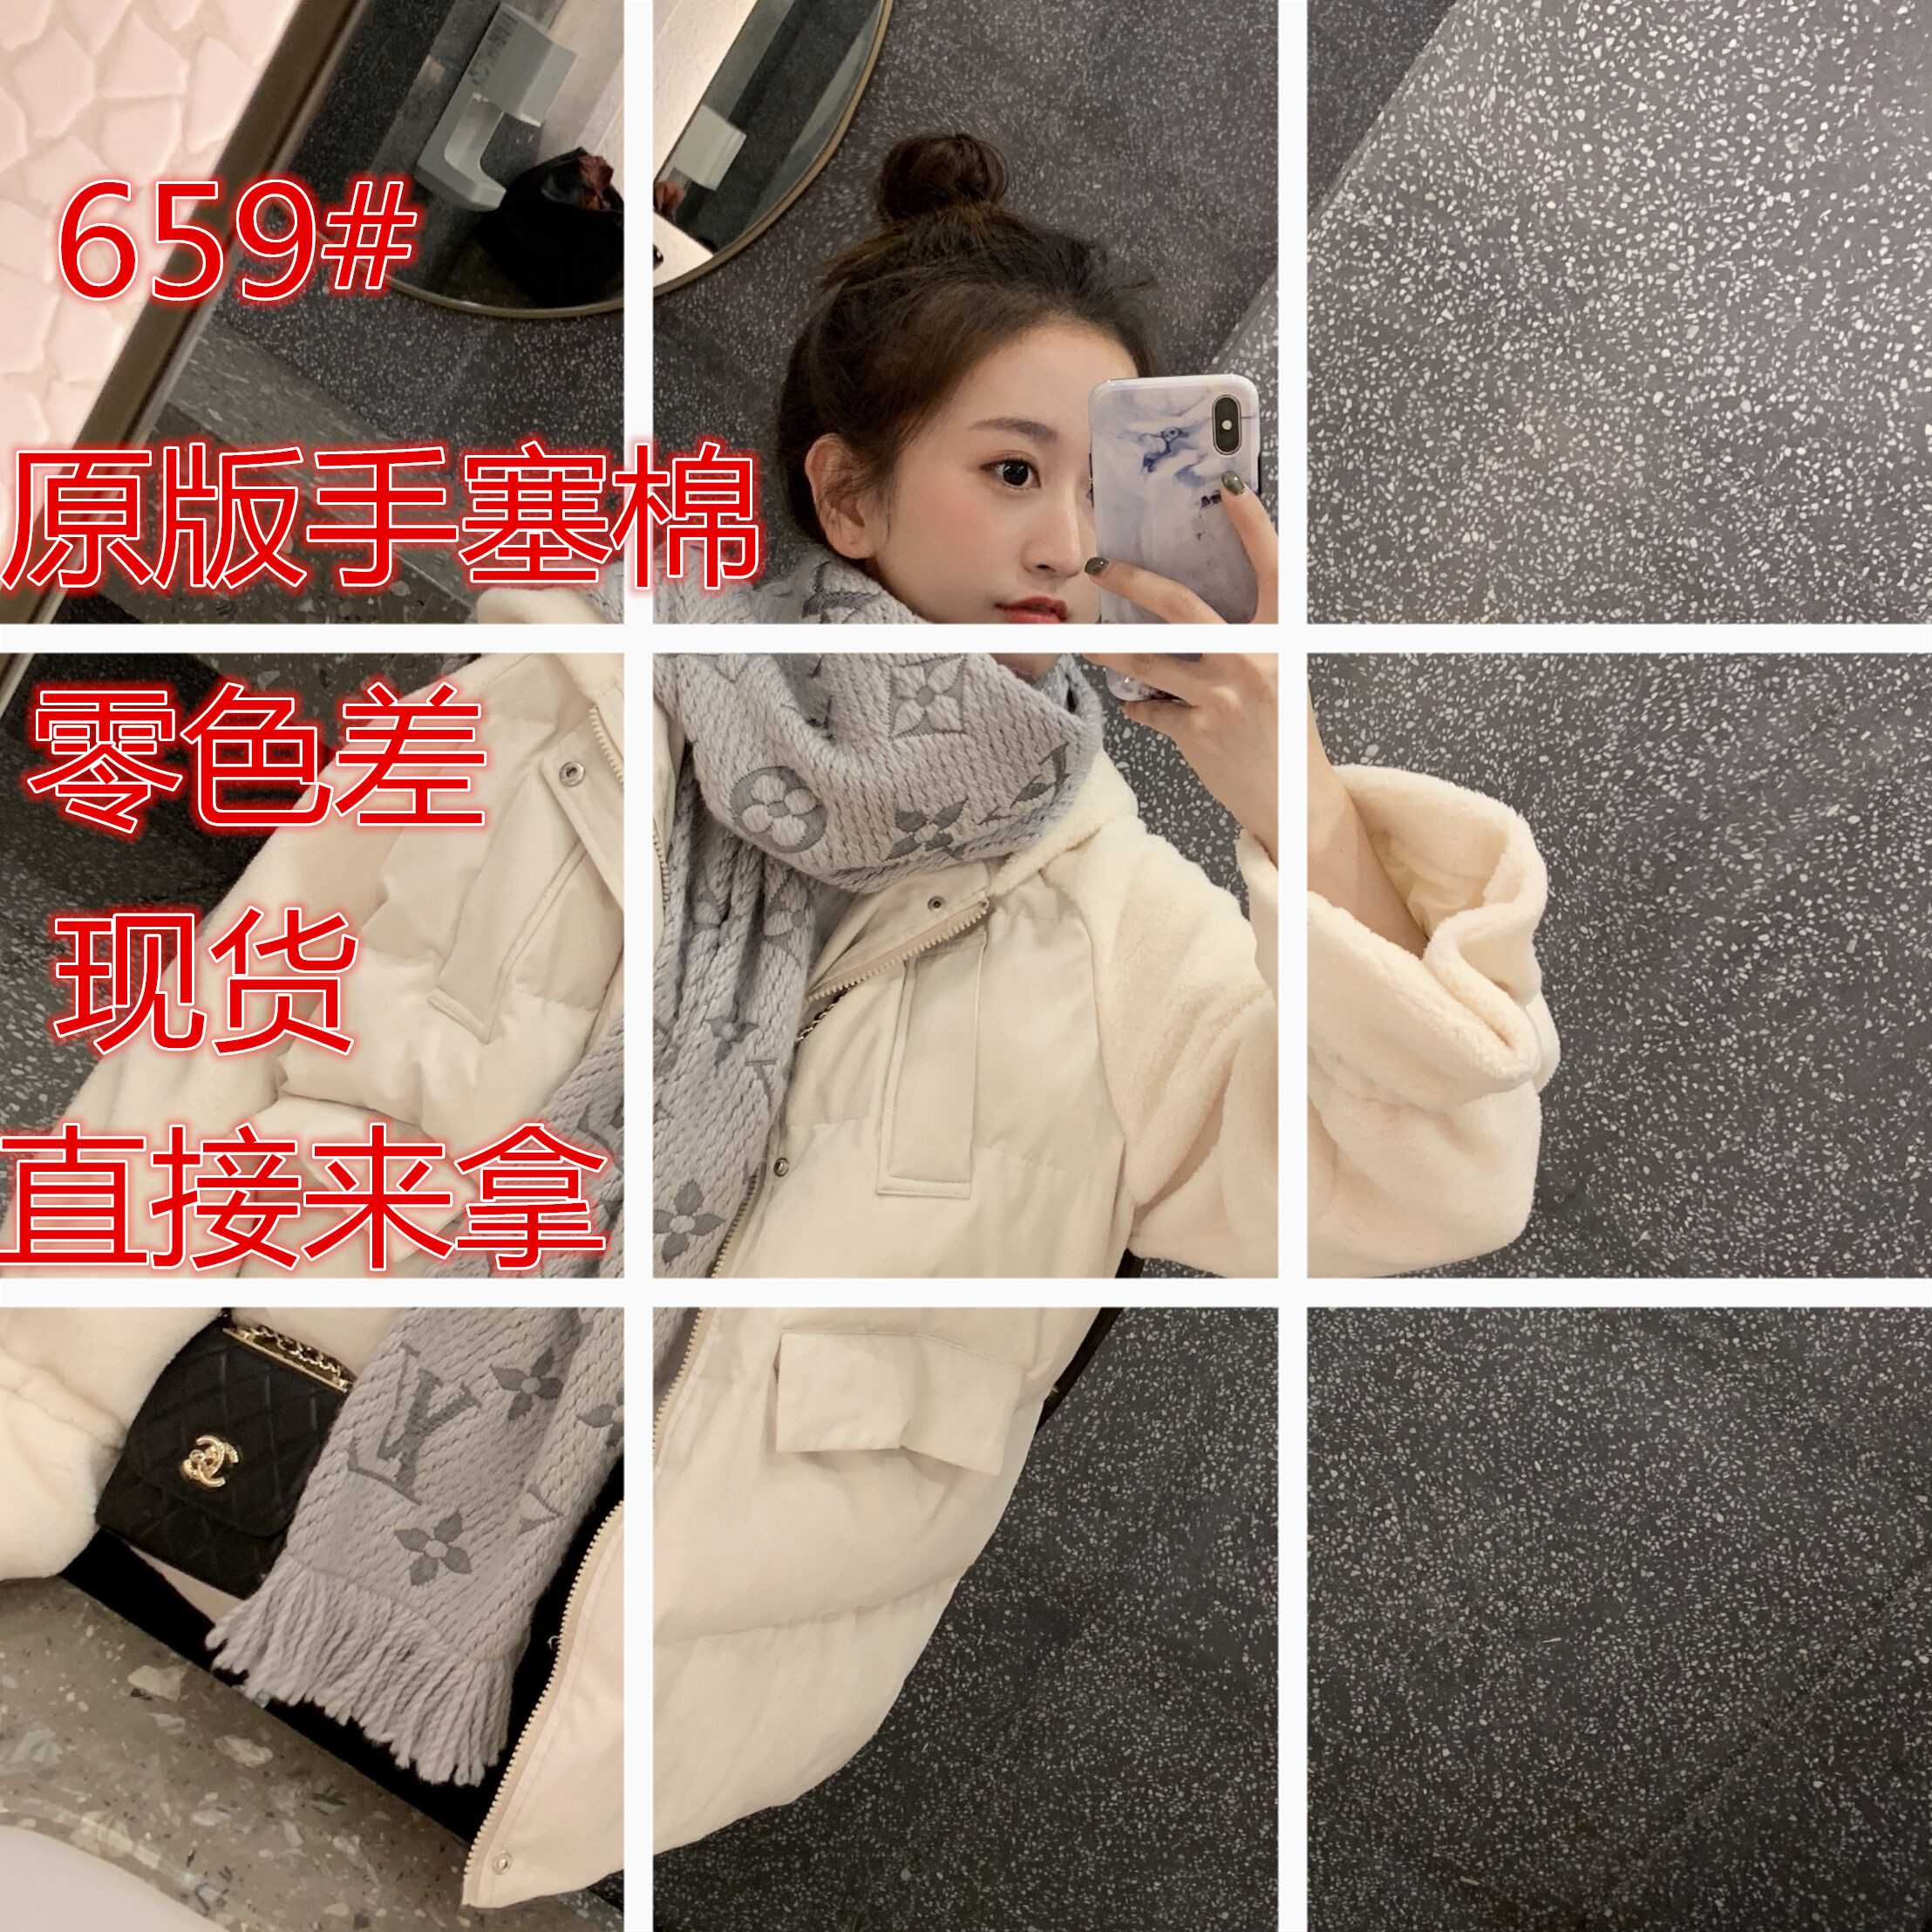 肉完ROUWANBABY181201秋冬软萌软萌面包服外套保暖棉服女2018新款